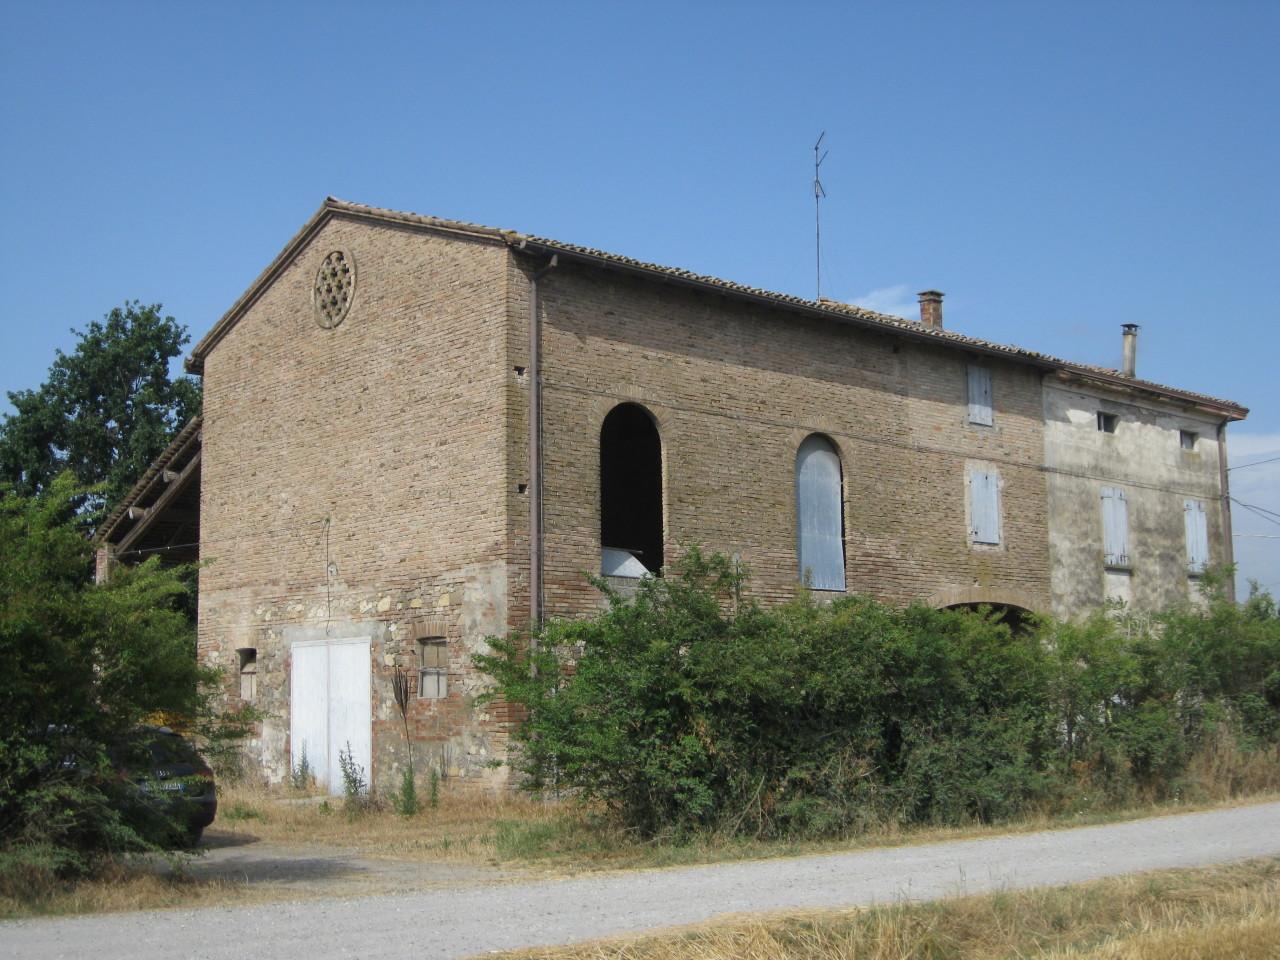 Terreno Agricolo in vendita a Medesano, 10 locali, prezzo € 220.000 | CambioCasa.it